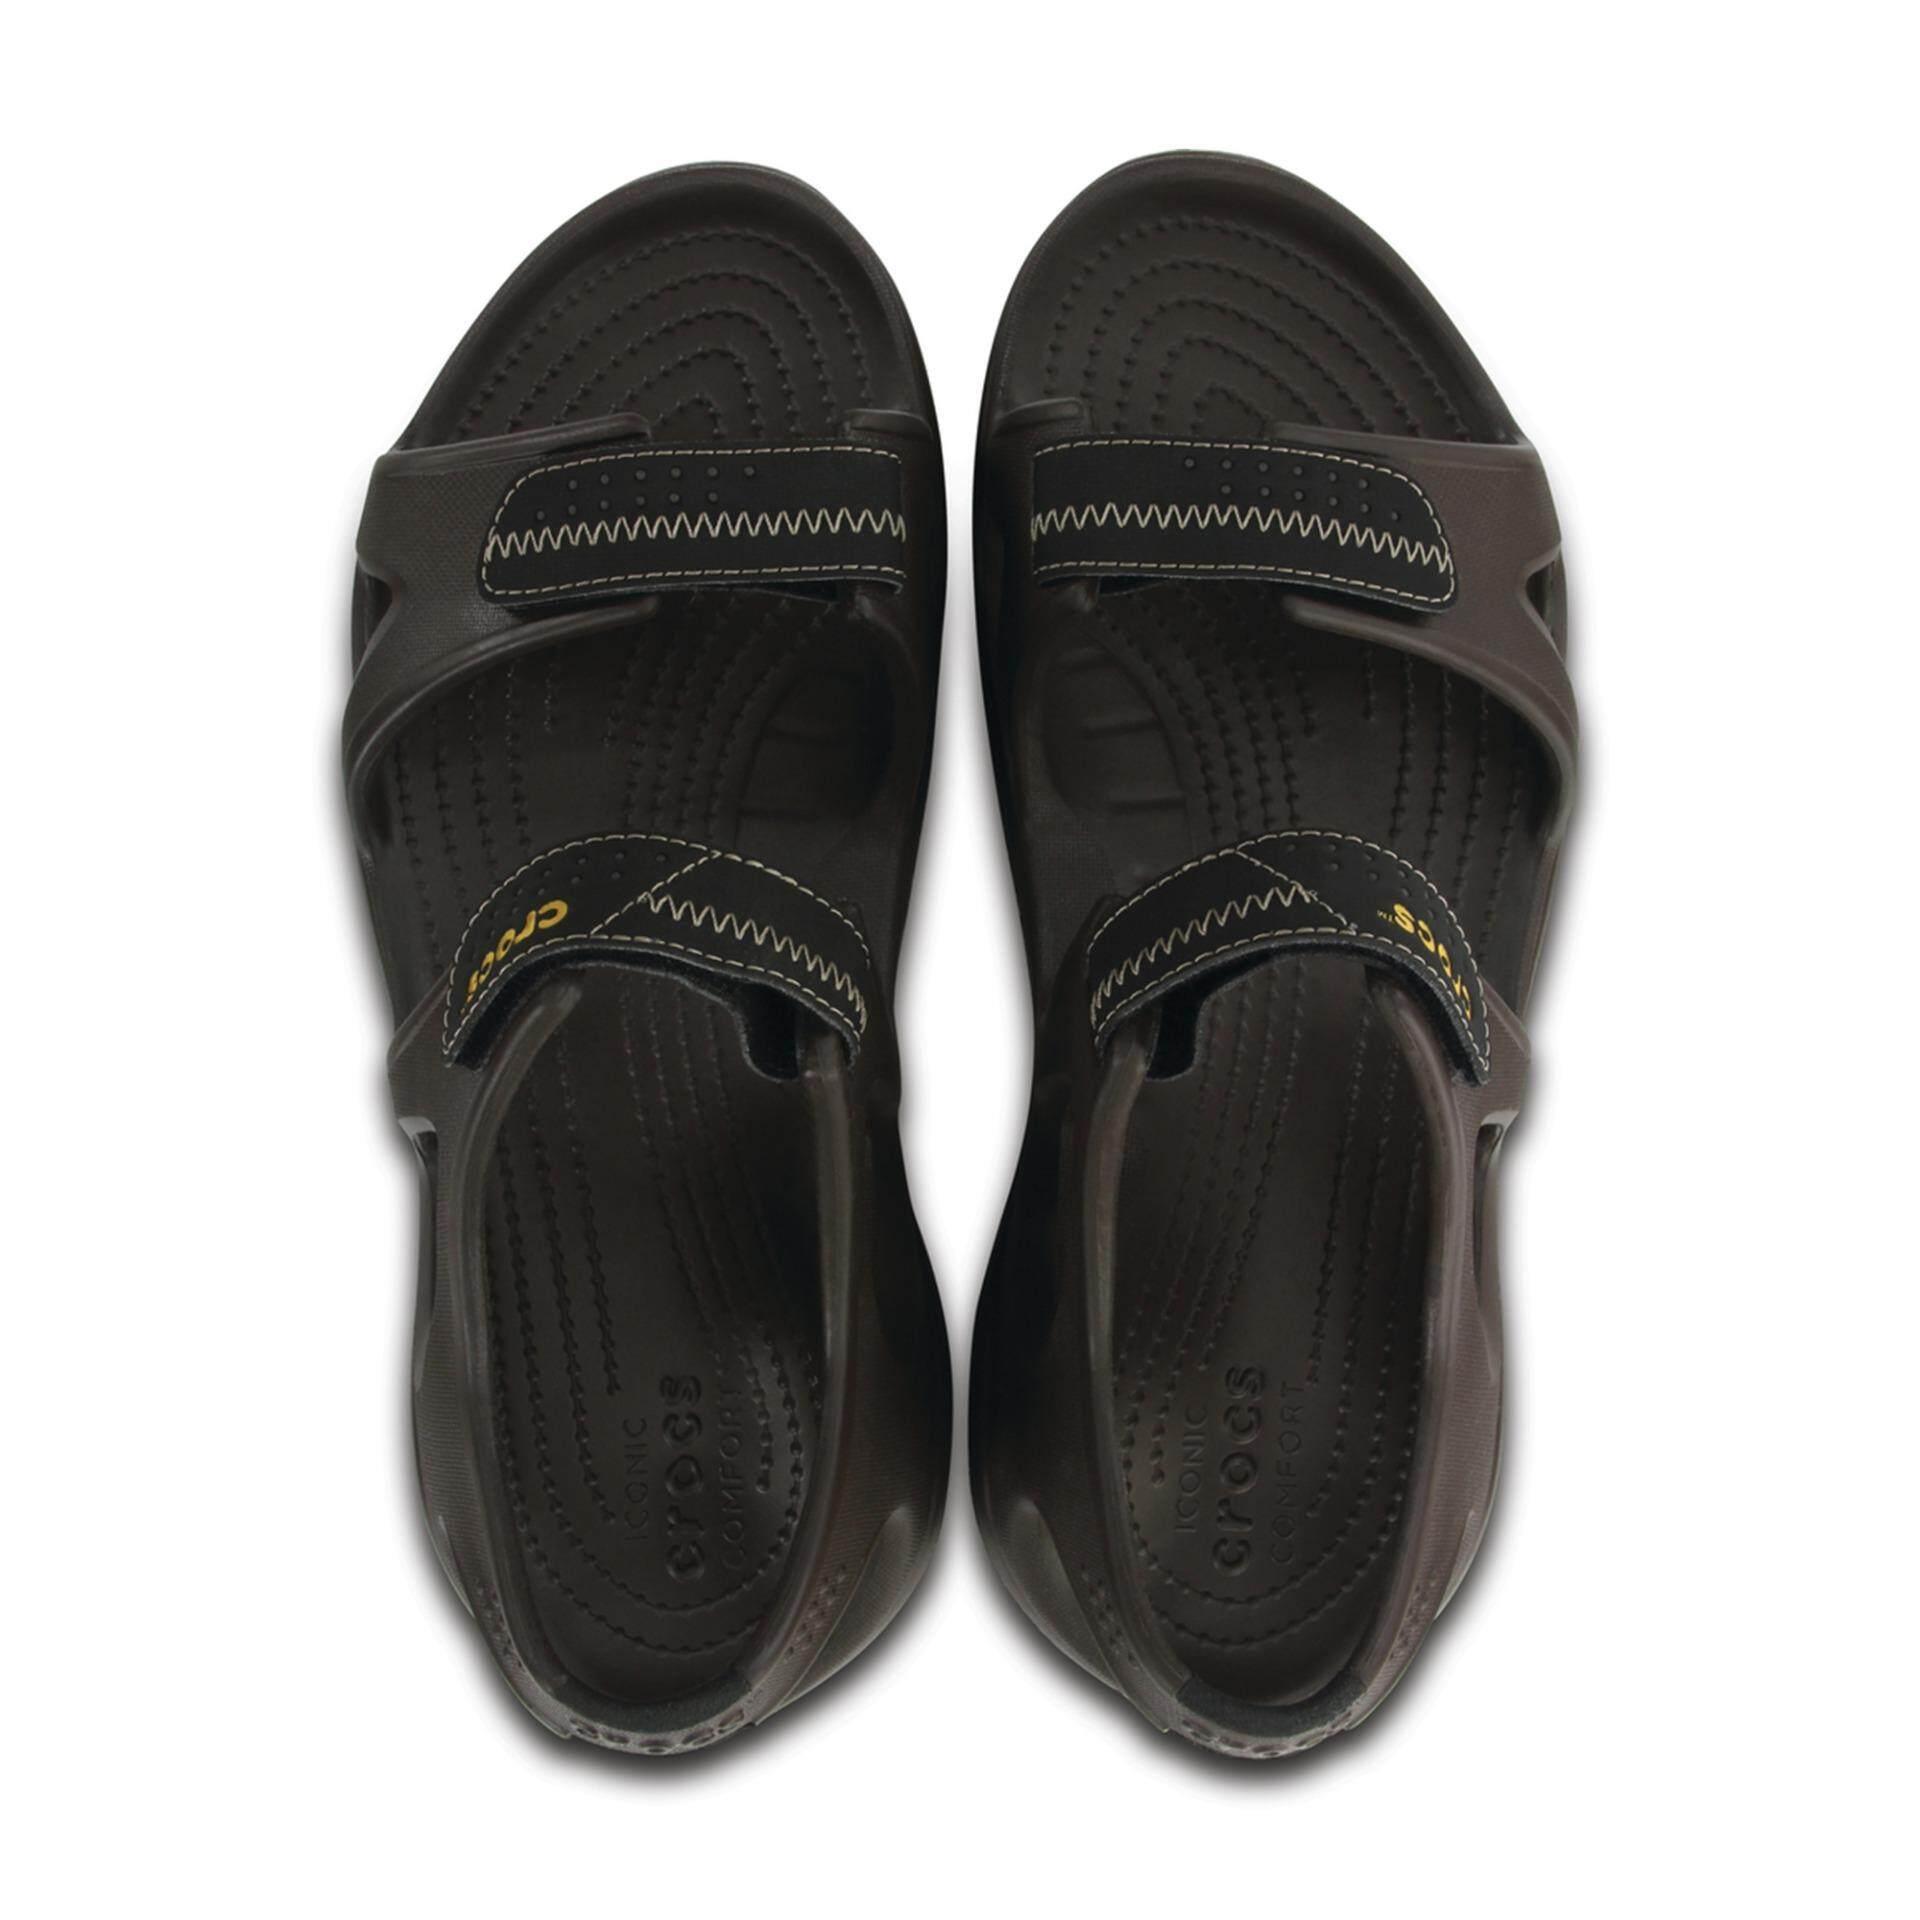 1233f182b1c0 Crocs Men s Swiftwater River Sandals Blk Blk